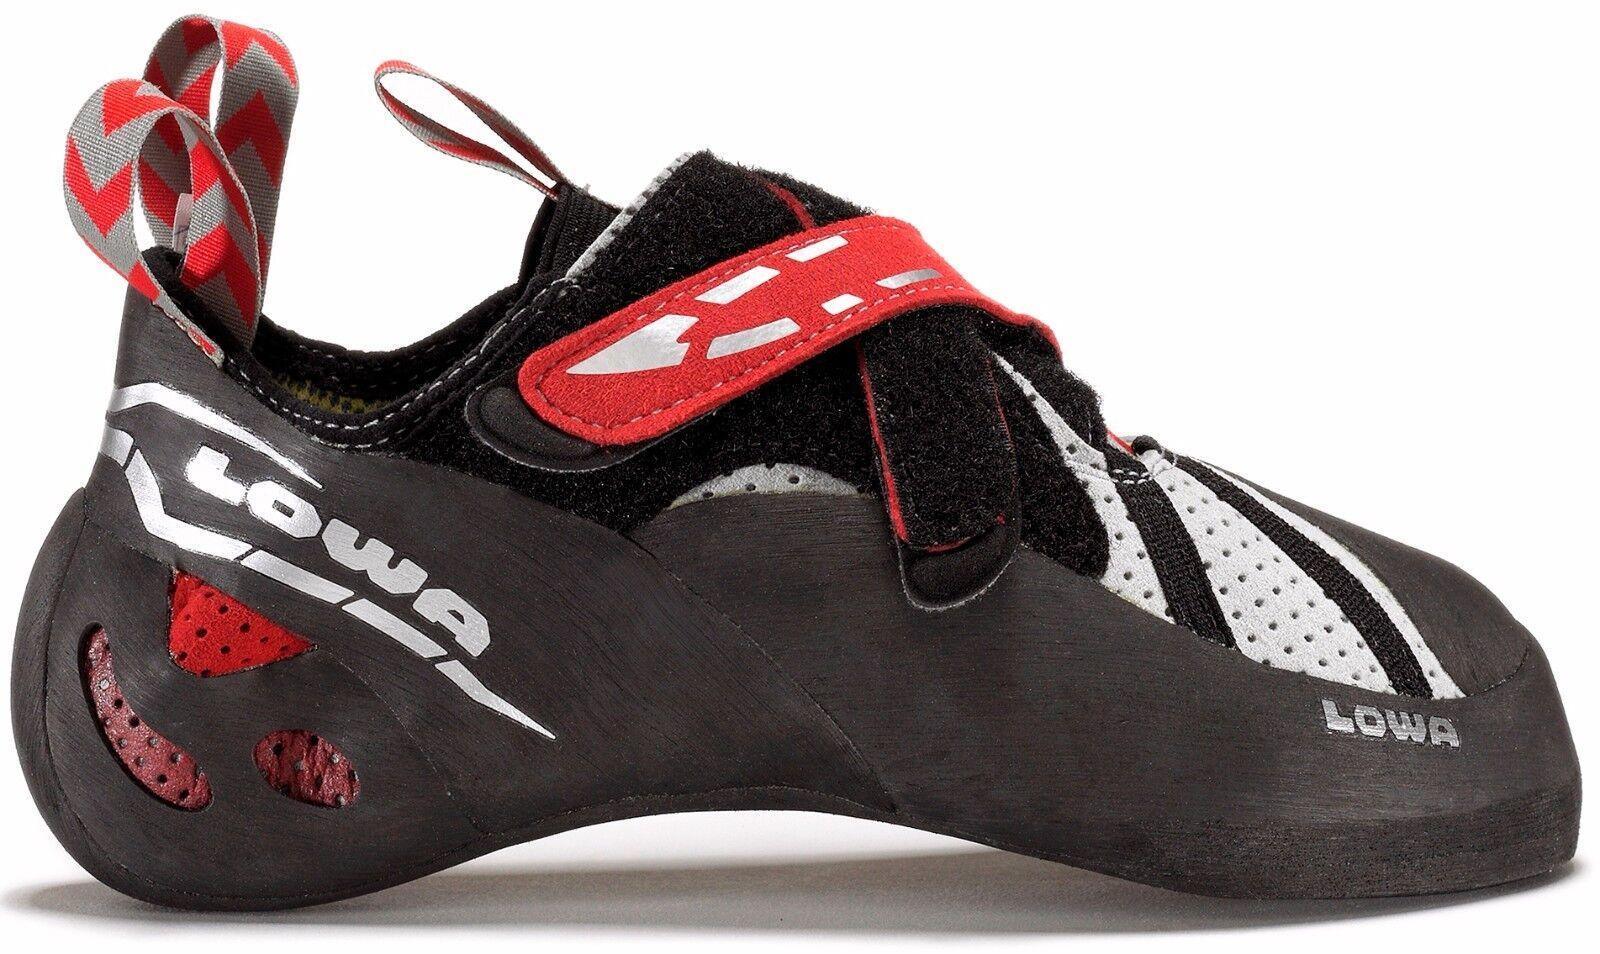 Lowa X-Boulder Para Hombre Zapato Rojo Negro Alpine Escalada 9.5